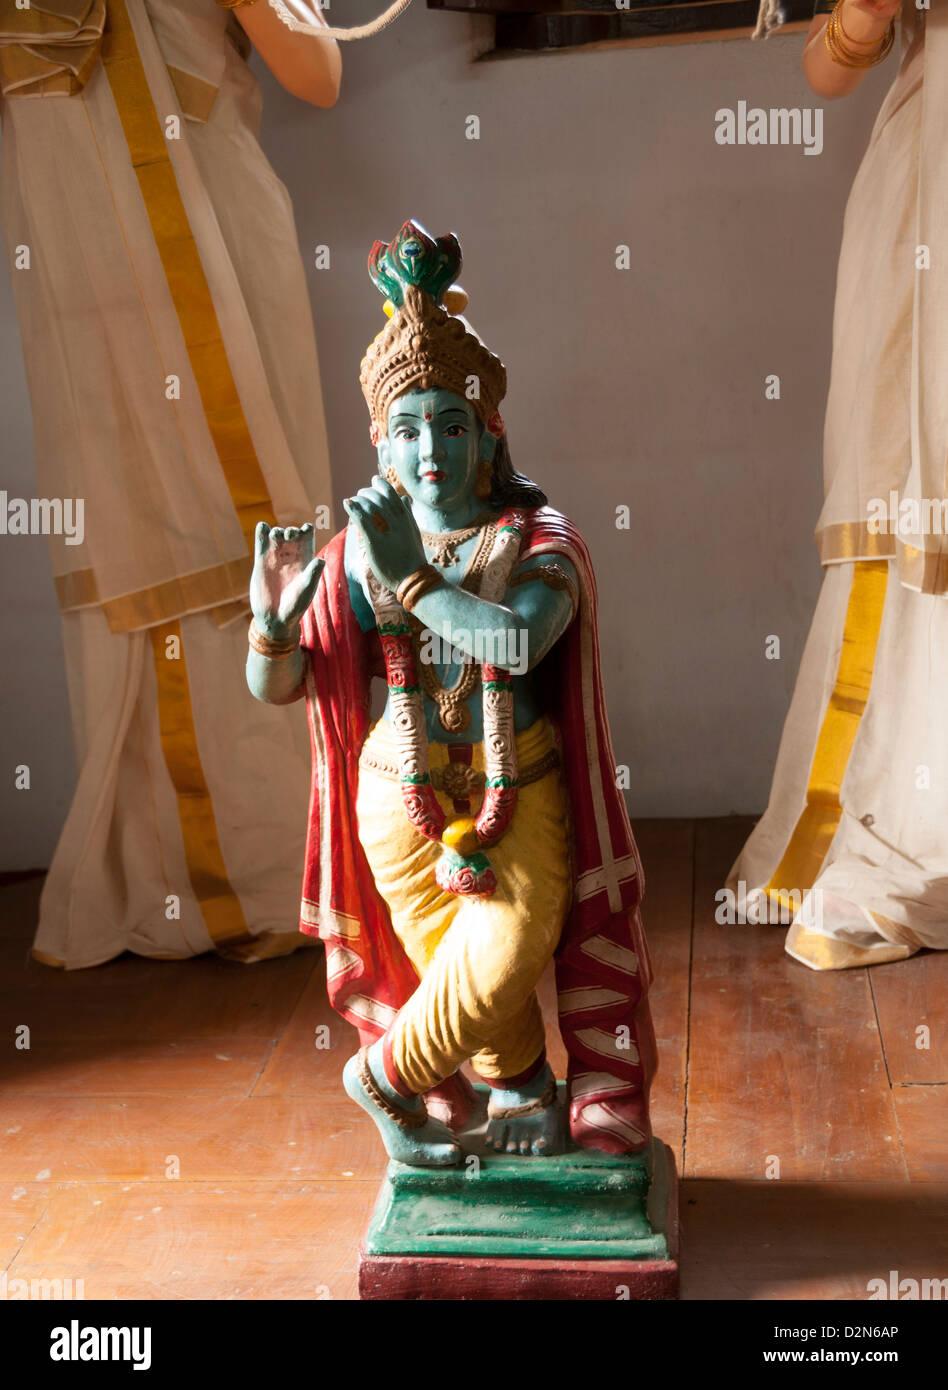 Deity  of Krishna playing flute - Stock Image